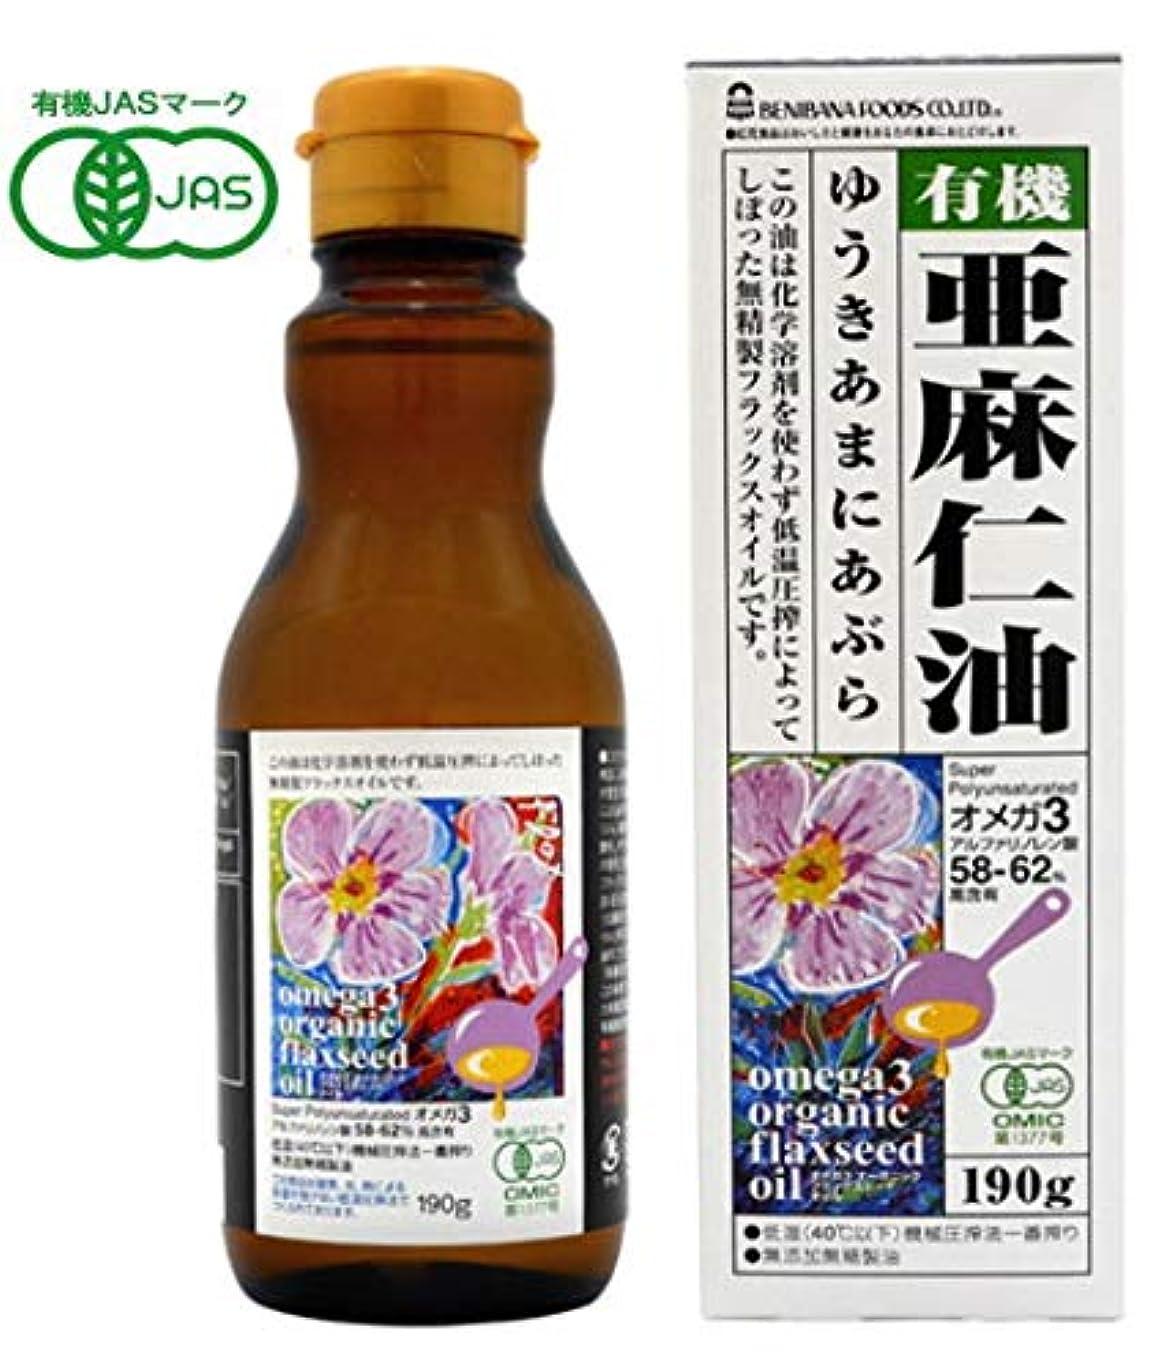 相反する置き場凝視紅花食品 オーガニックフラックスシードオイル(有機亜麻仁油) 190g×8本セット